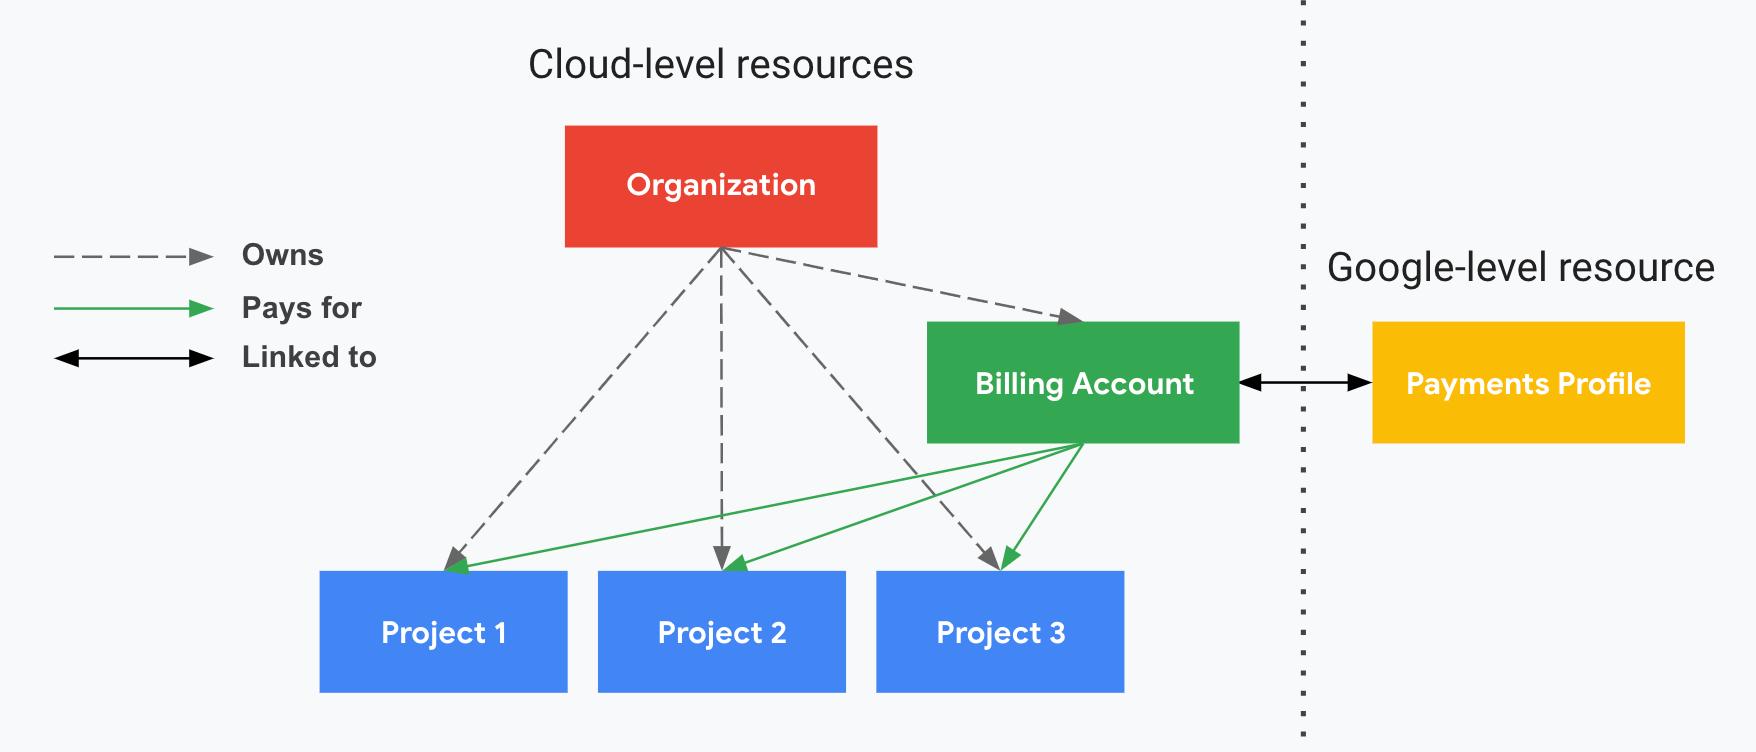 décrit la relation entre les projets et CloudBilling, ainsi que votre profil de paiement. Un côté affiche vos ressources au niveau du cloud (compte de facturation Cloud et projets associés) et l'autre, divisé par une ligne pointillée verticale, affiche votre ressource Google (profil de paiement). Les paiements de vos projets sont assurés par votre compte CloudBilling, qui est associé à votre profil de paiement.